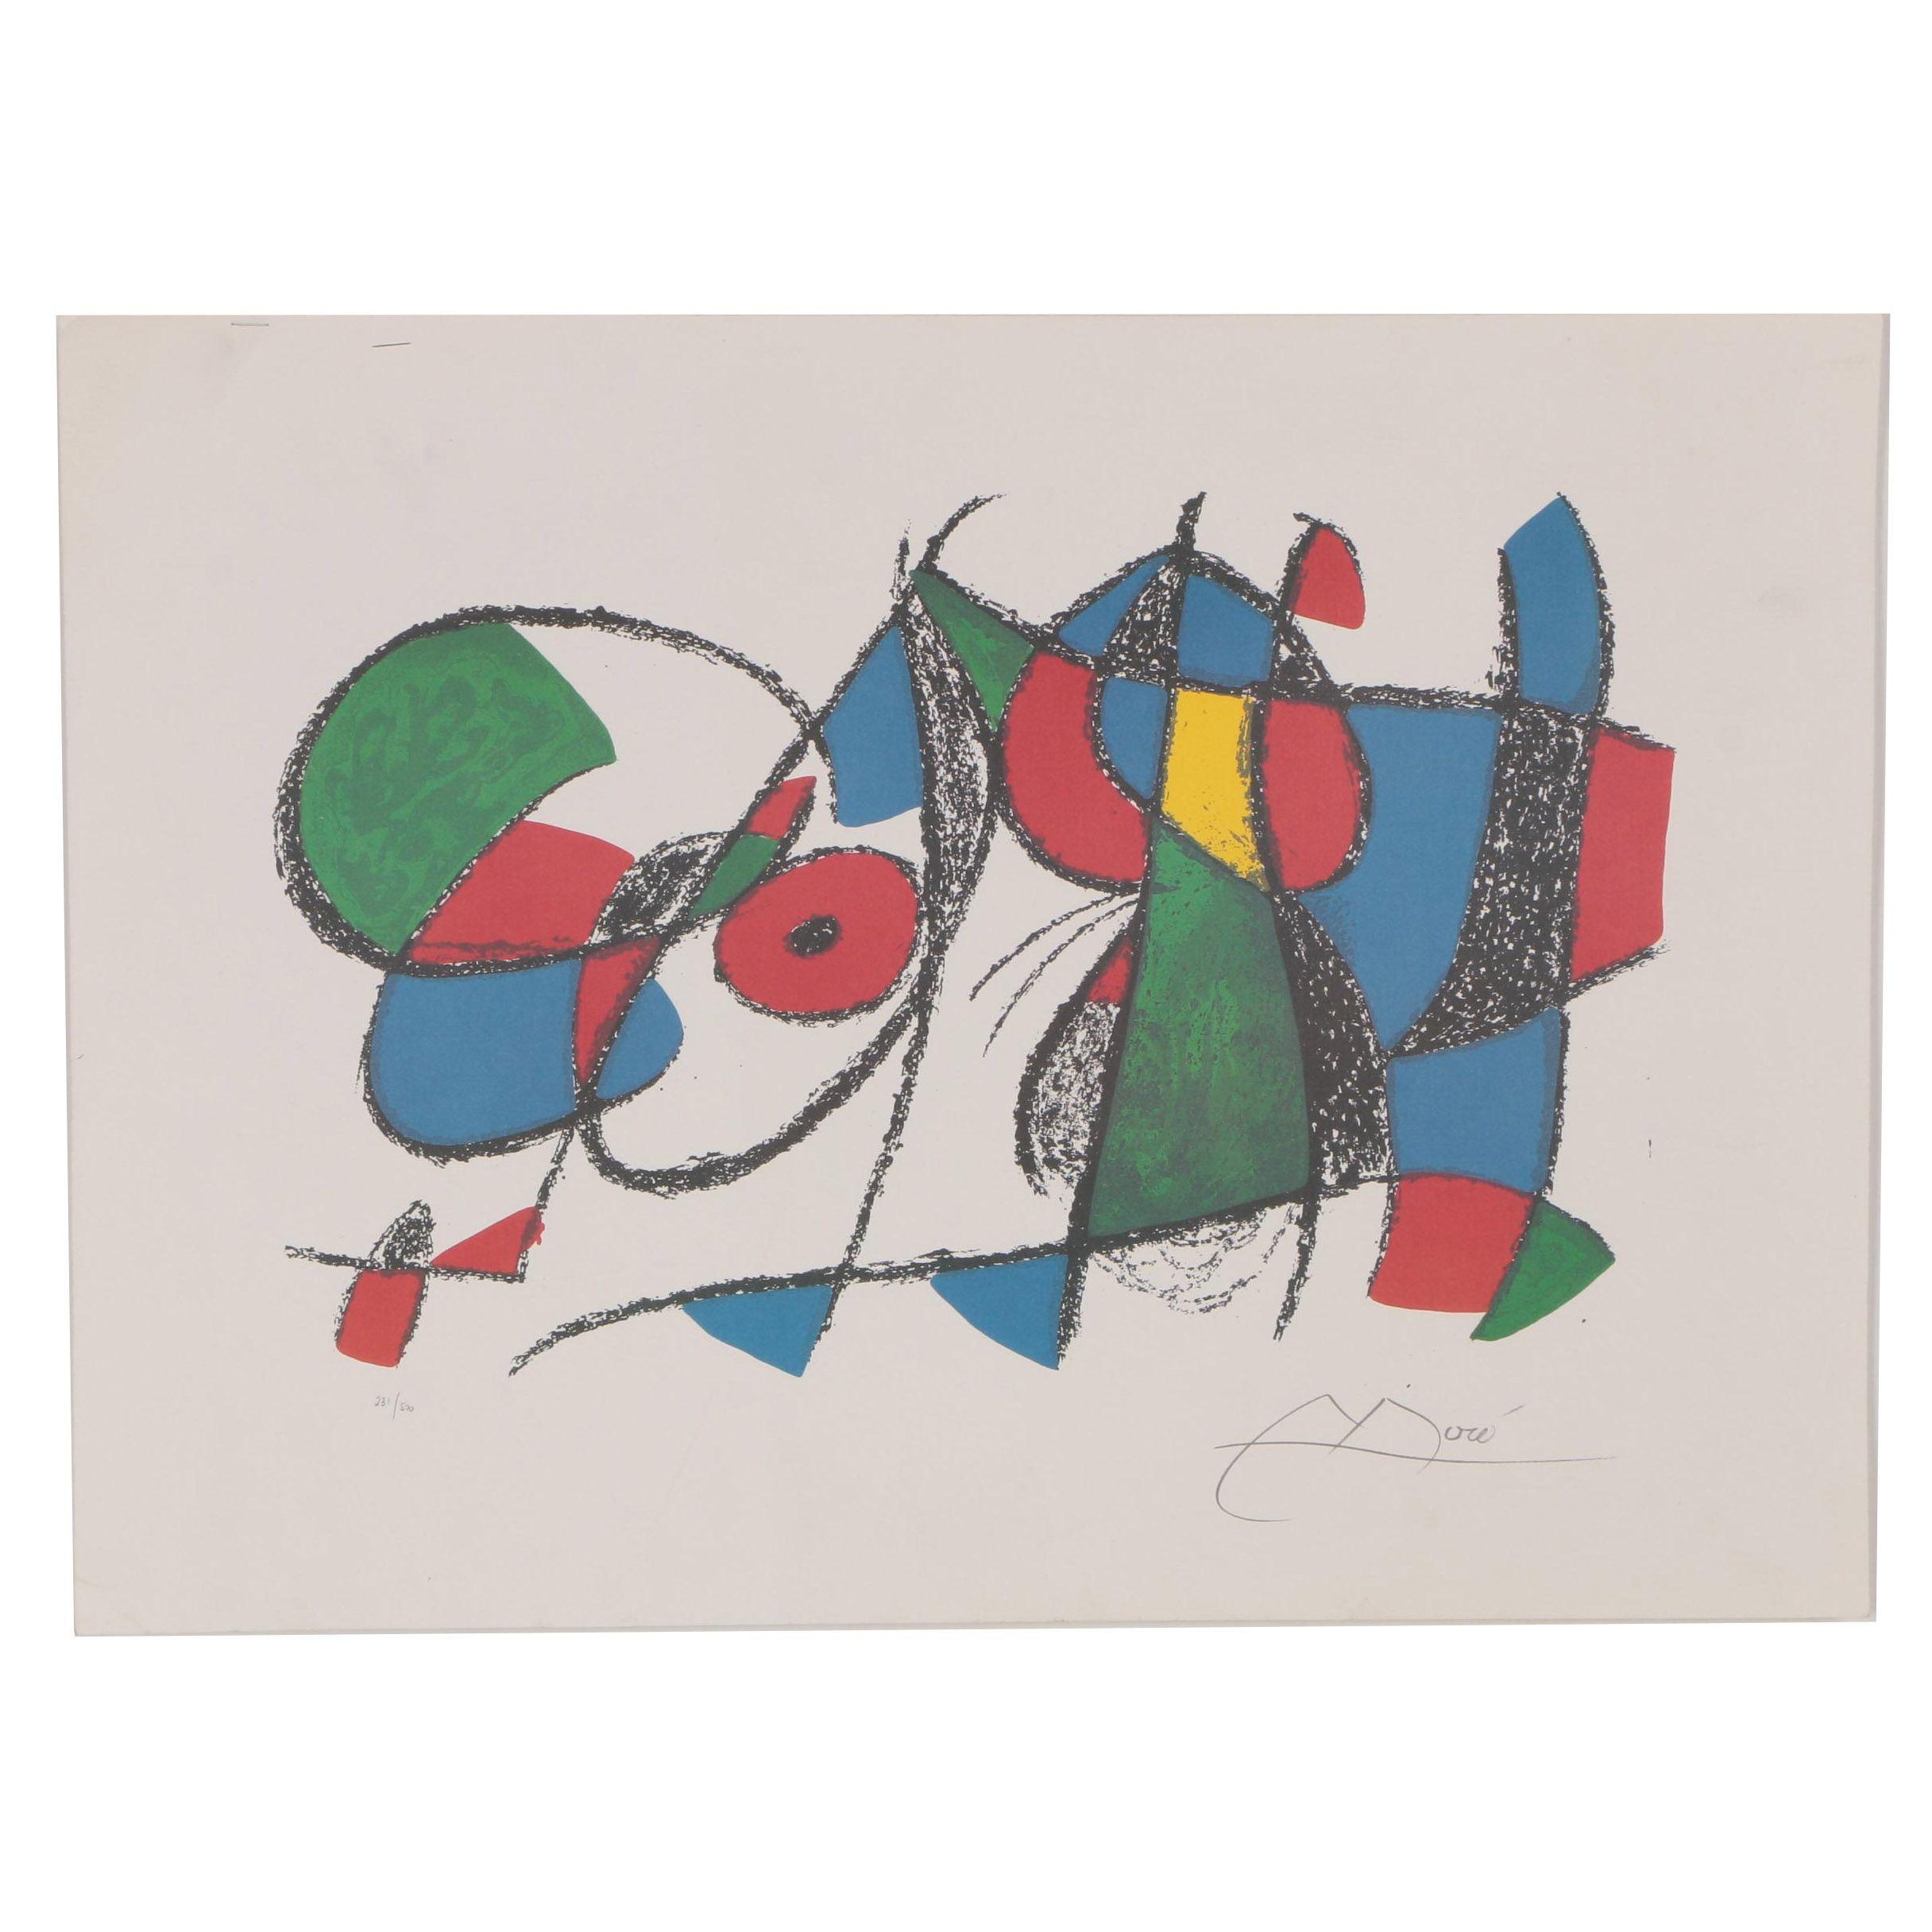 Giclée after Joan Miró